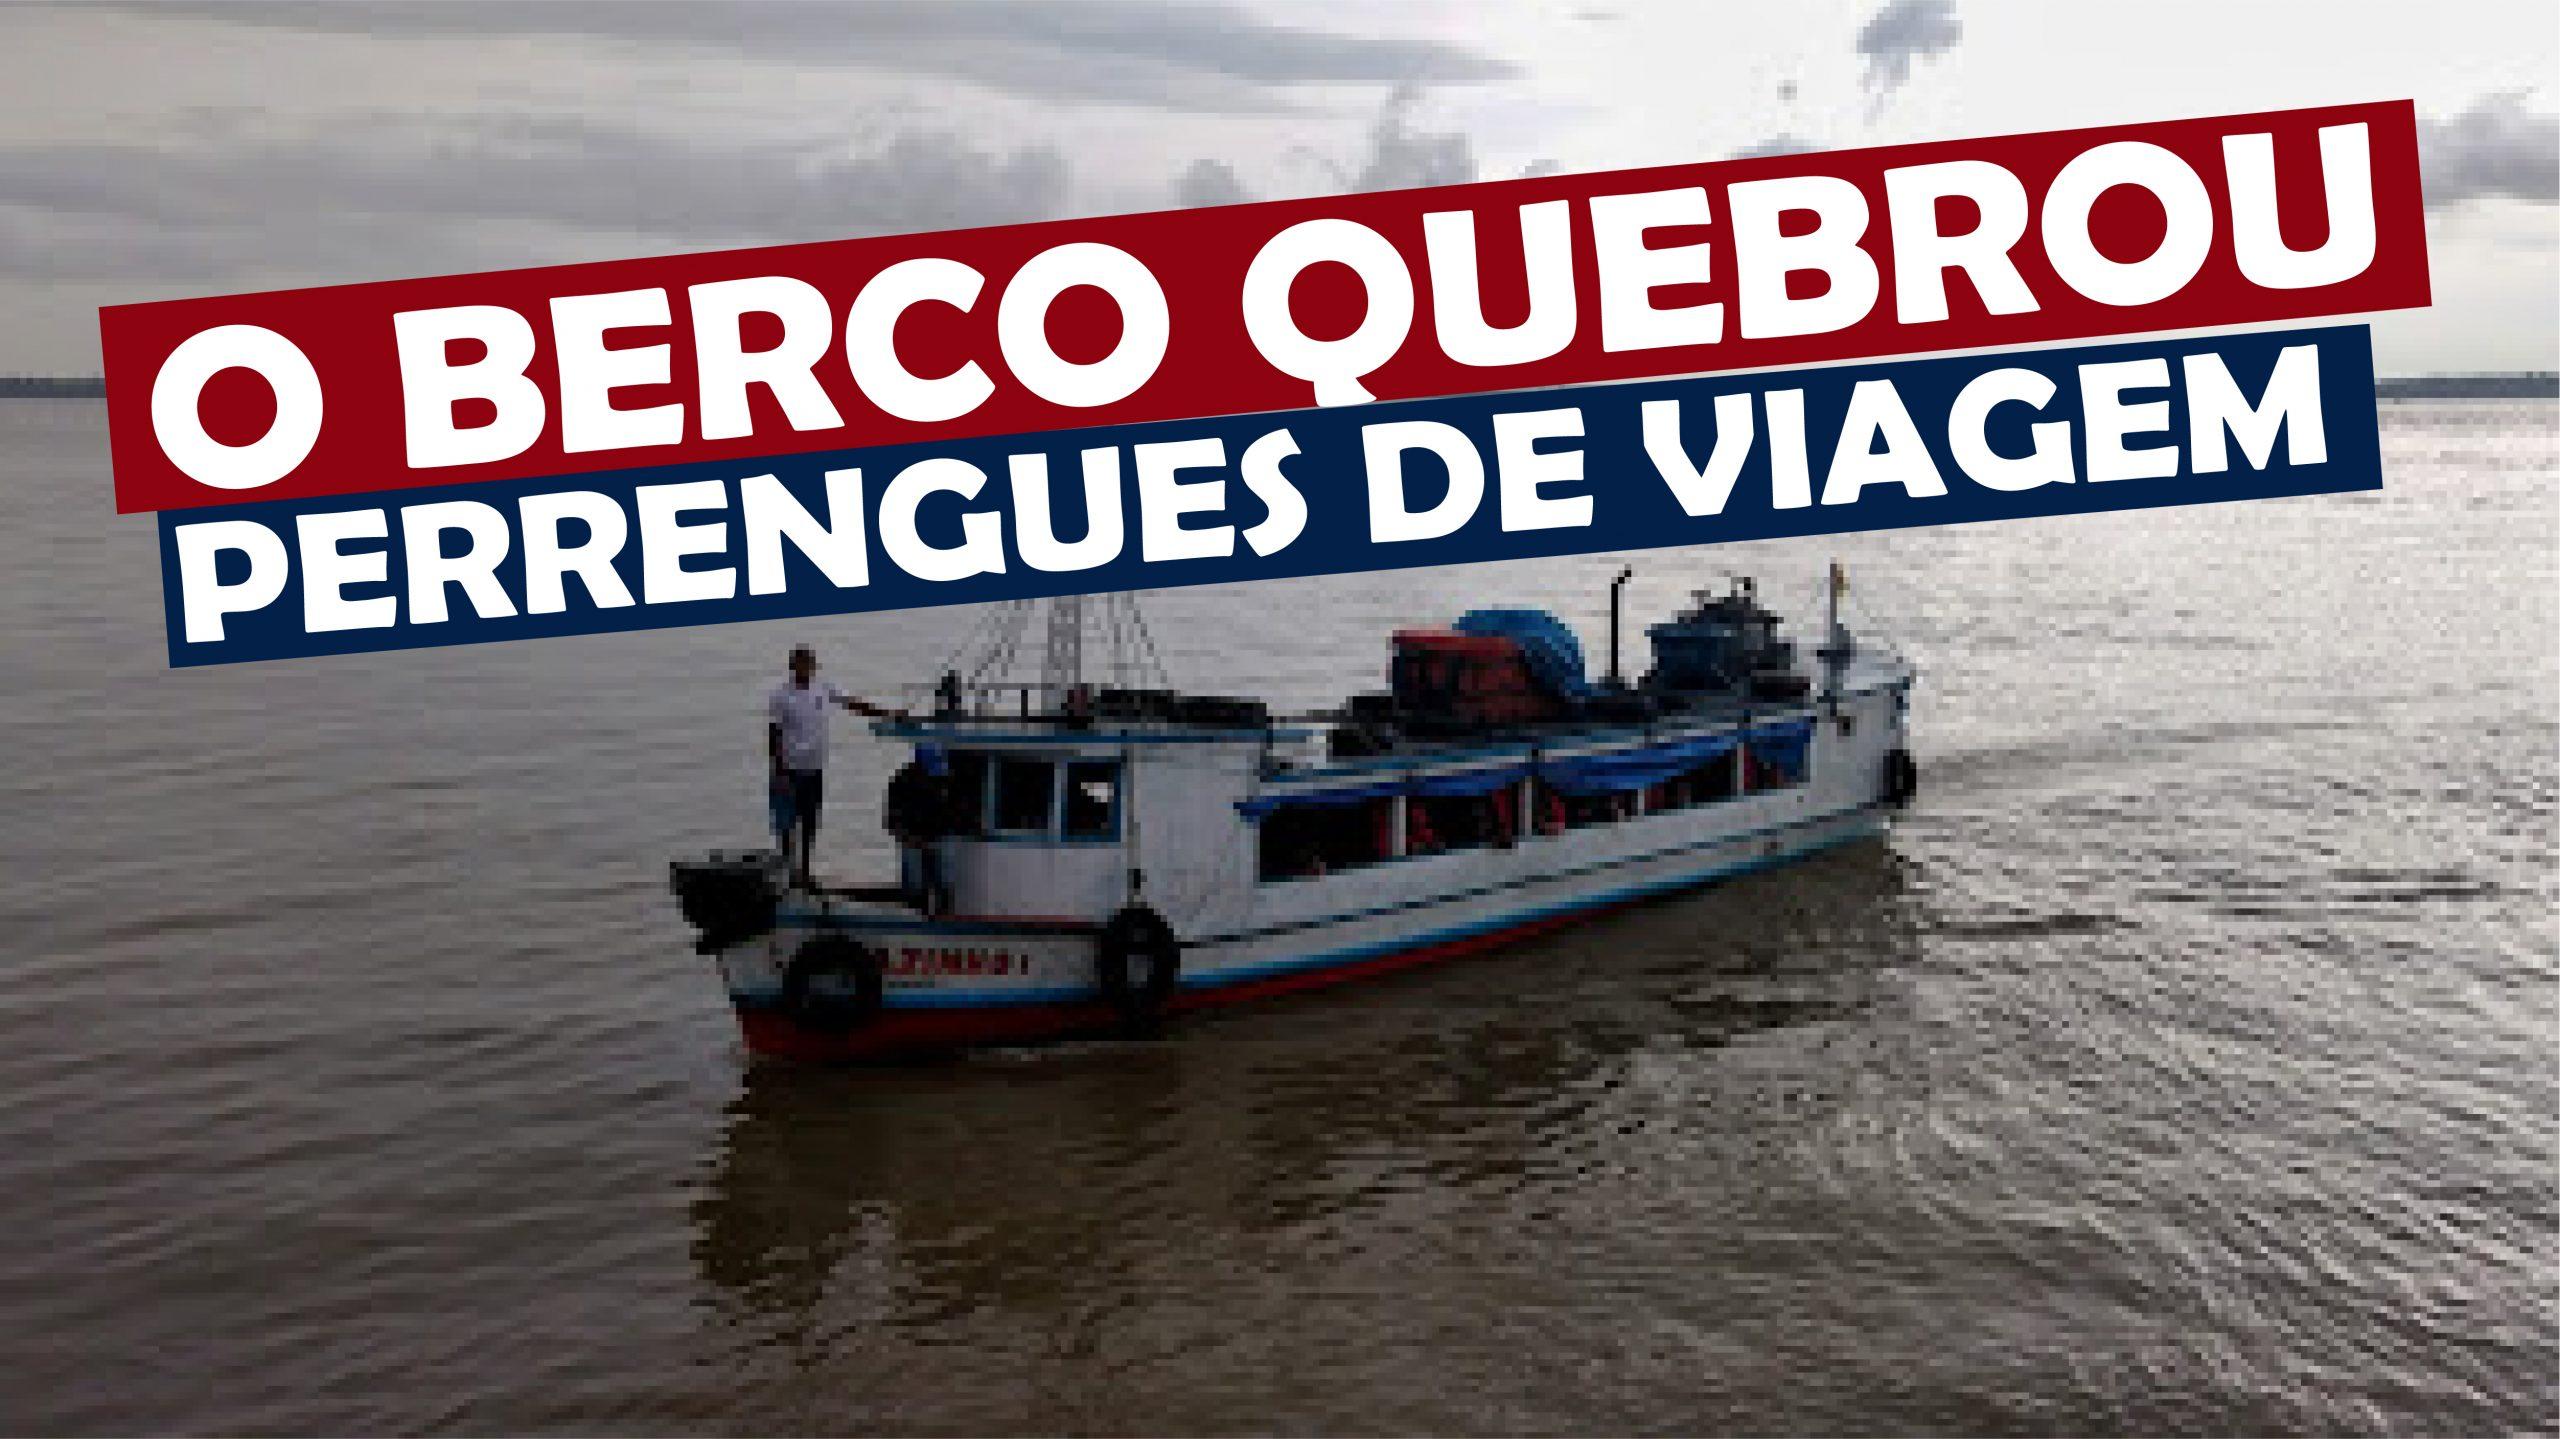 You are currently viewing O Barco Quebrou no Meio do Rio perrengues de viagem